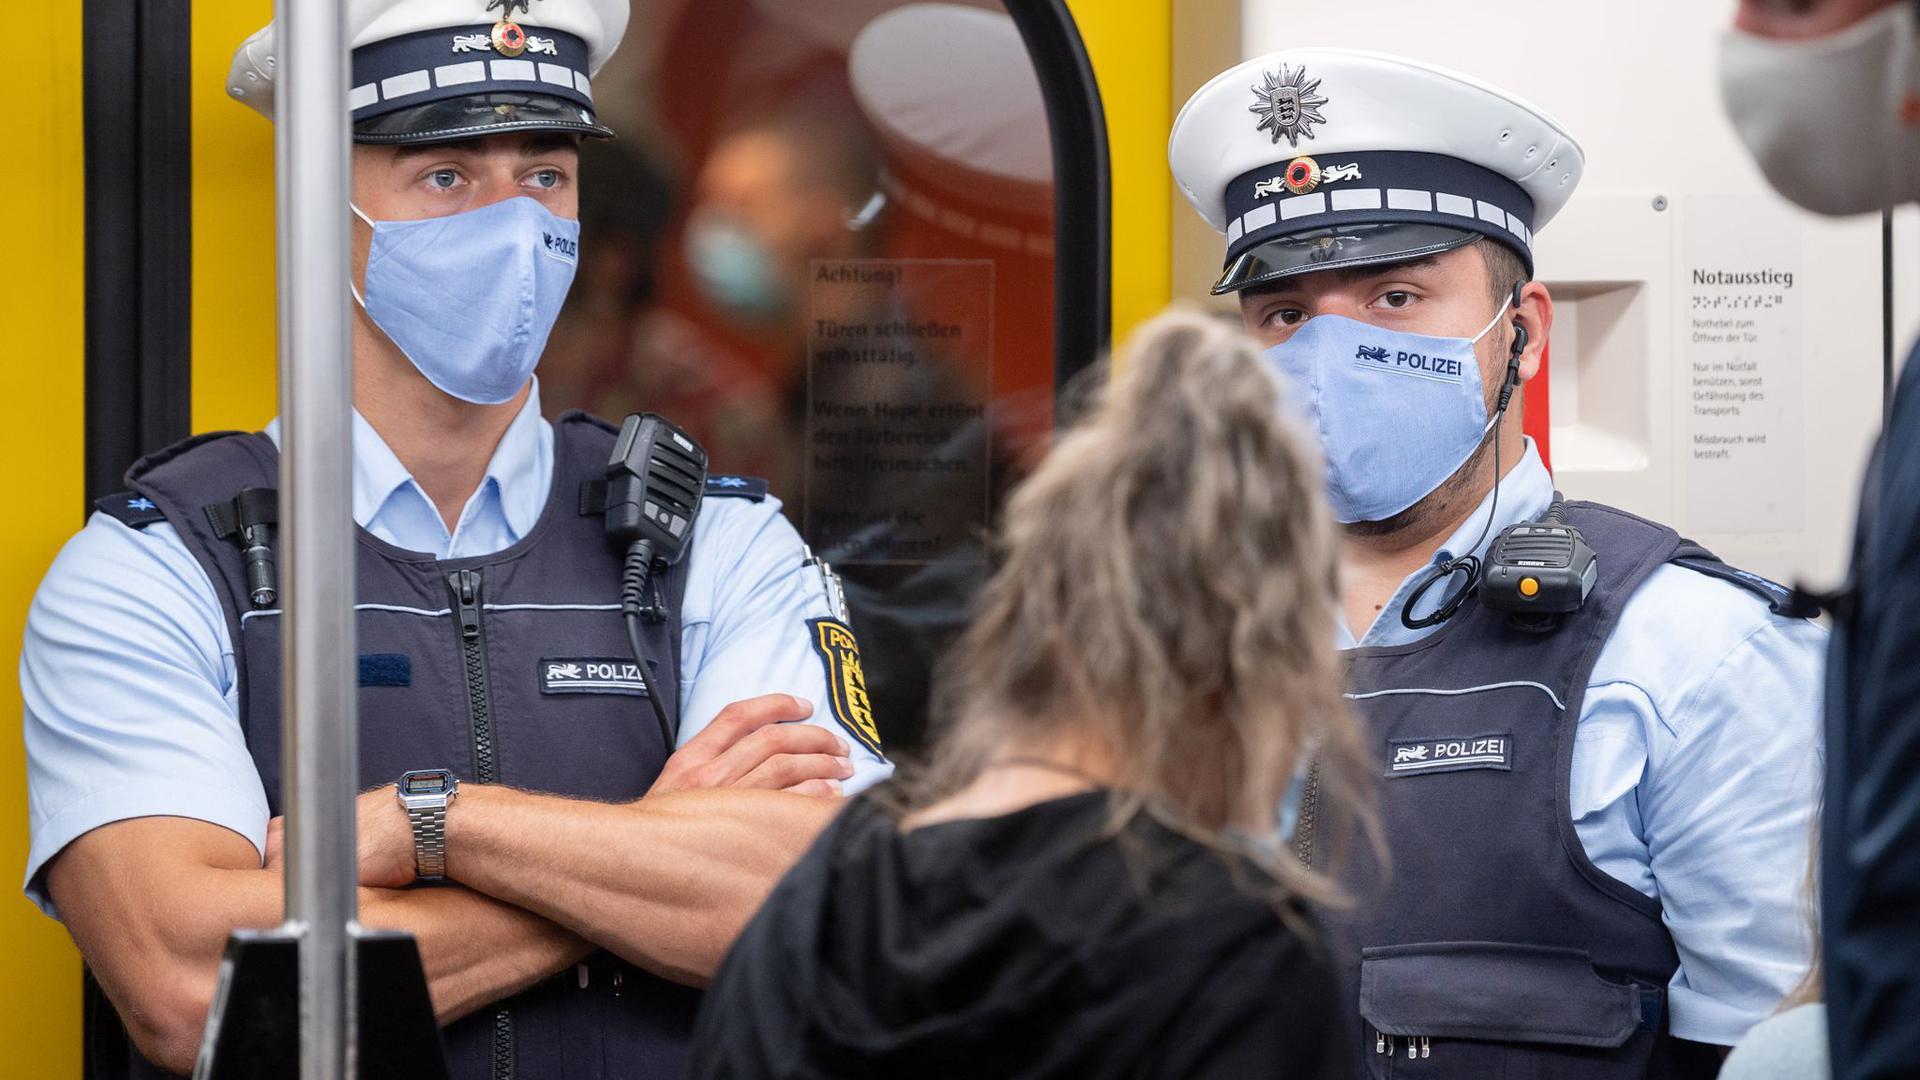 Polizeibeamte kontrollieren in einer Stuttgarter U-Bahn die Einhaltung der Maskenpflicht.